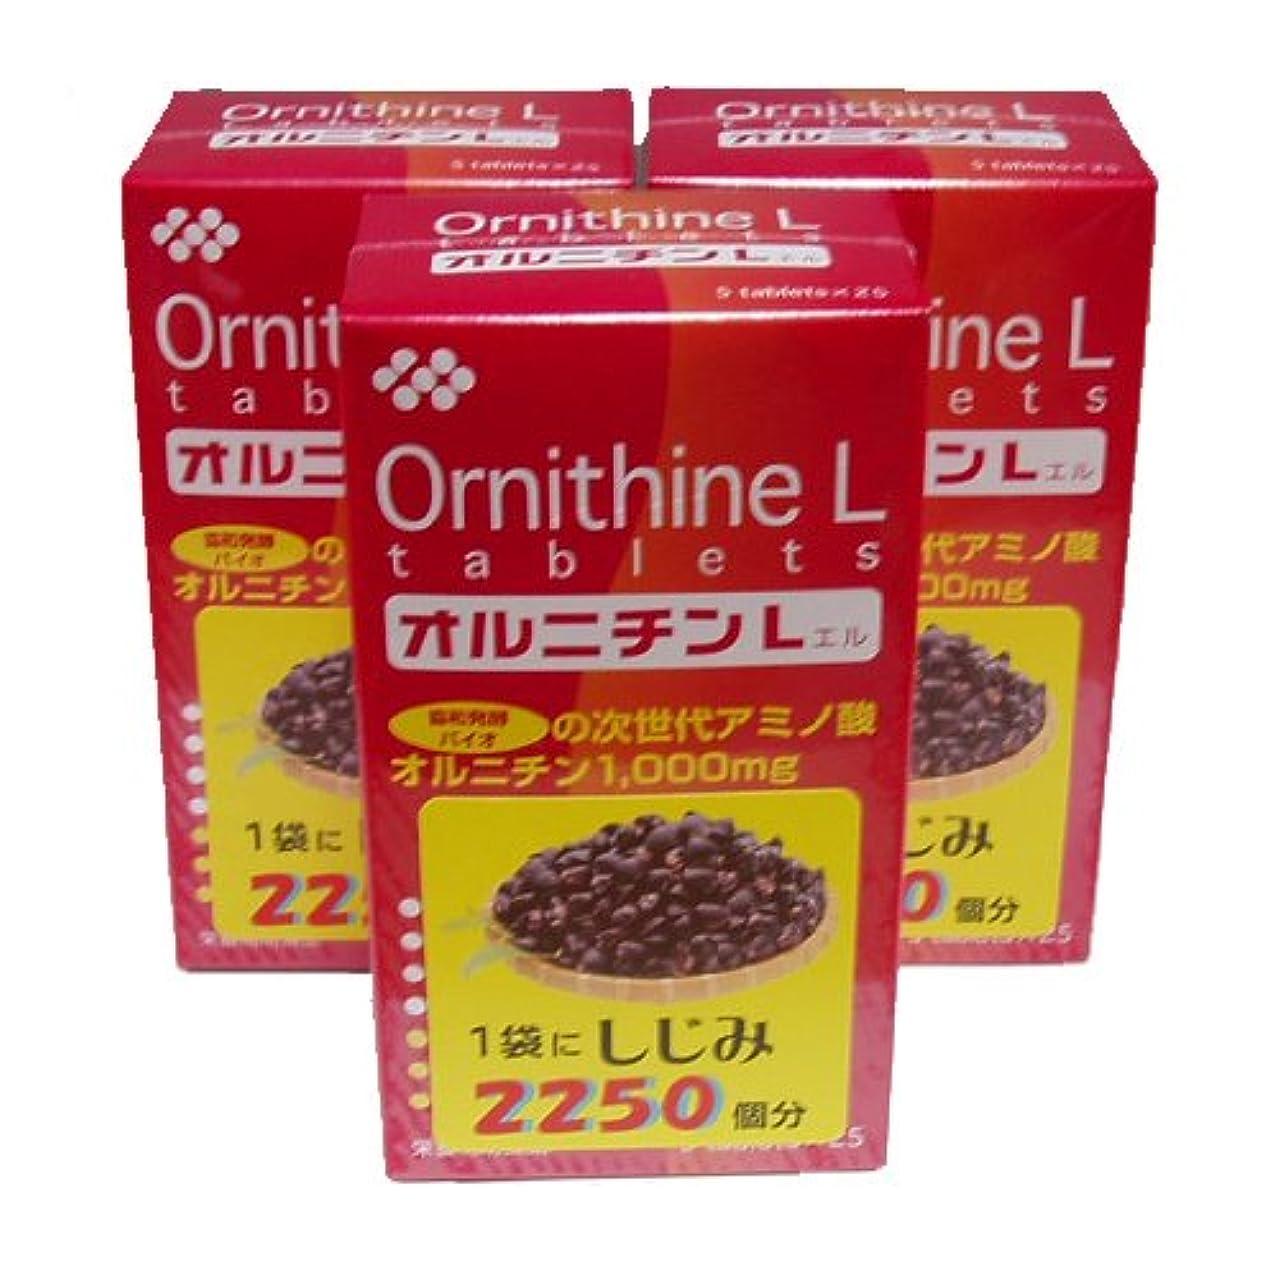 スカウト橋縁伸和製薬オルニチンL (5粒×25袋)×3個セット